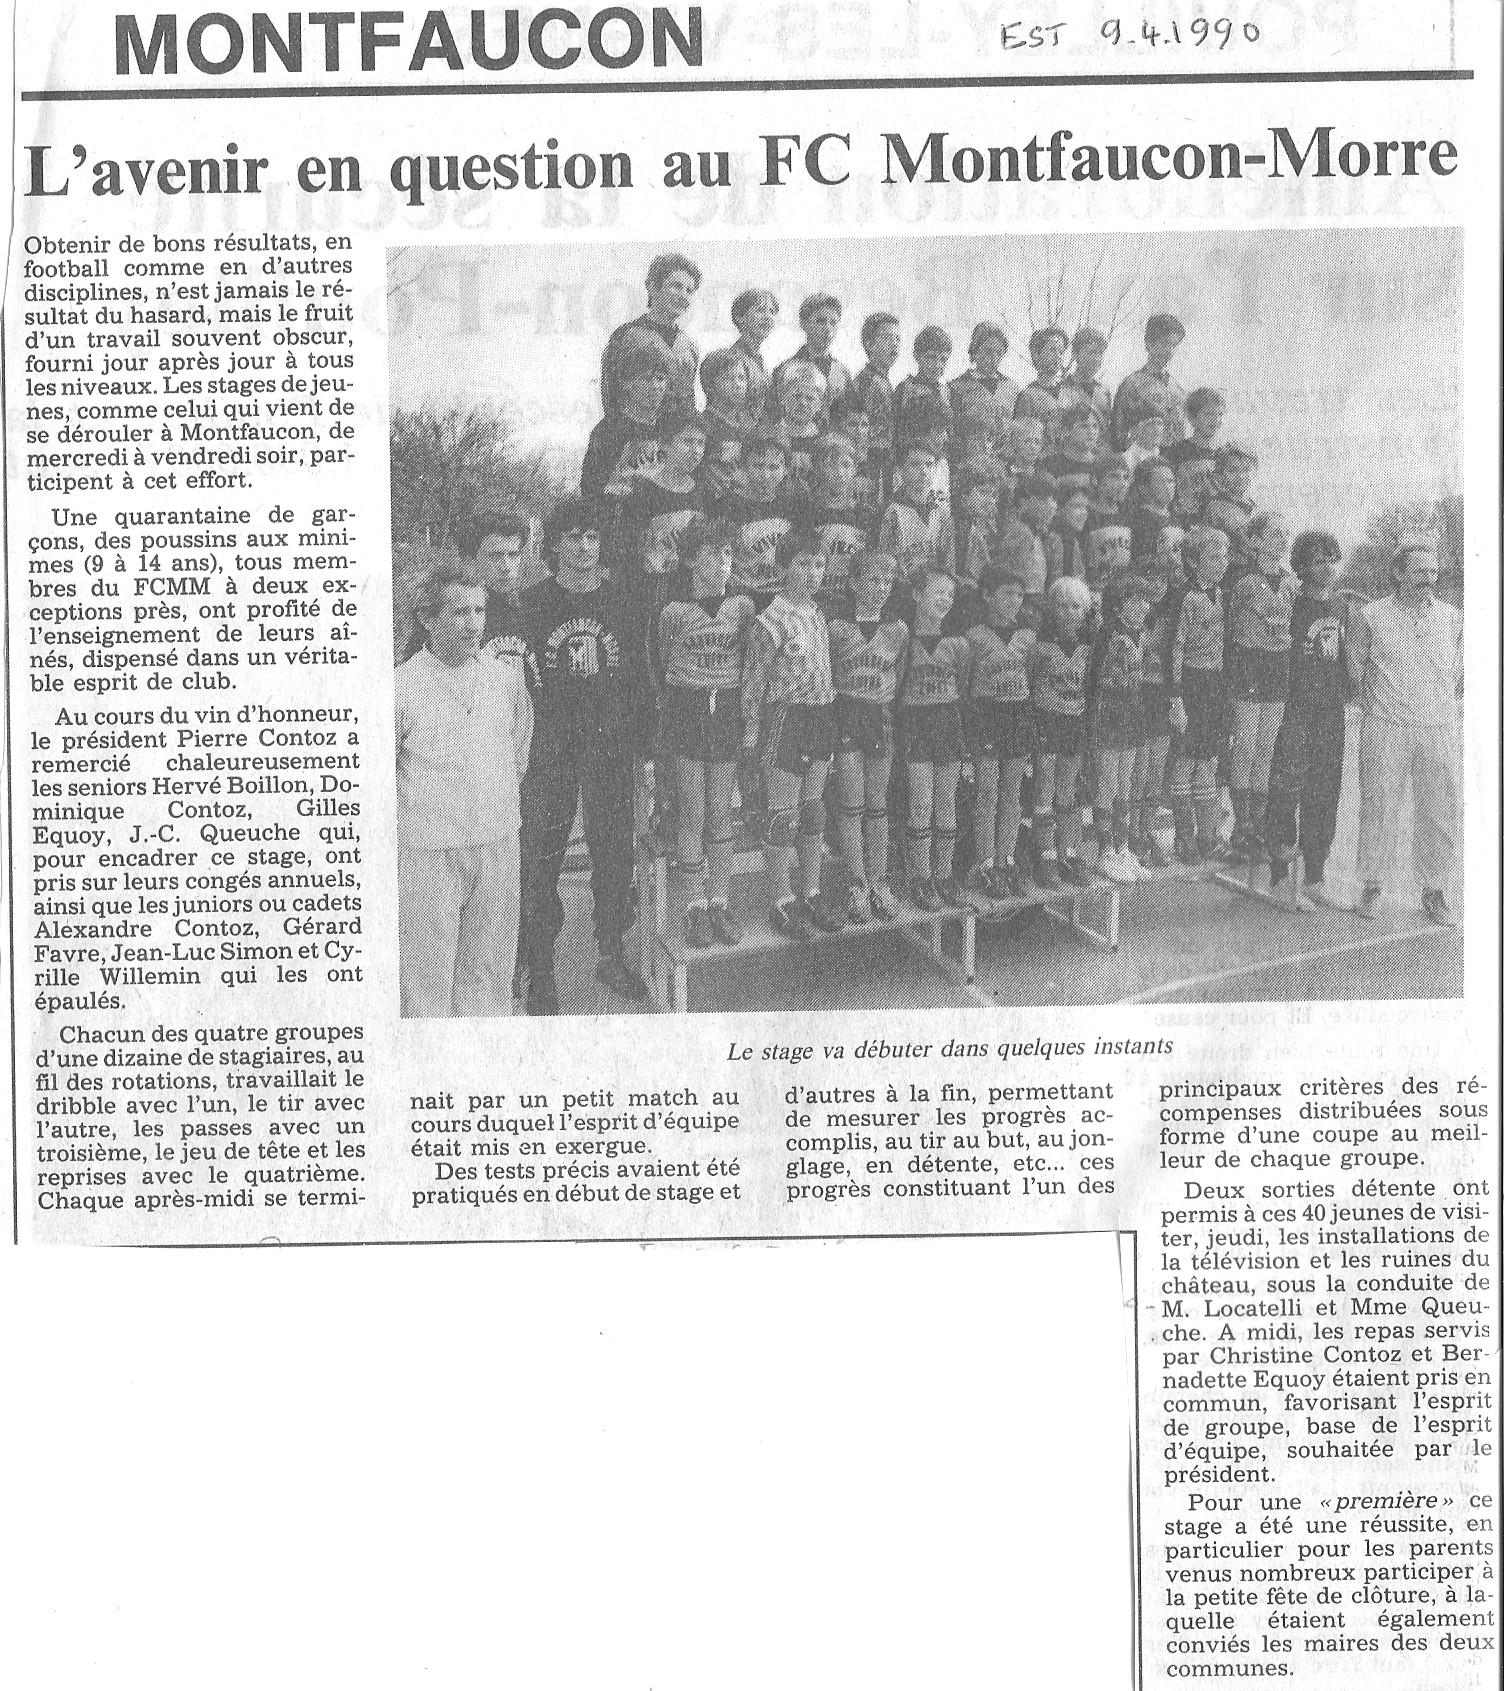 09/04/1990 - L'avenir en question au FC Montfaucon - Morre